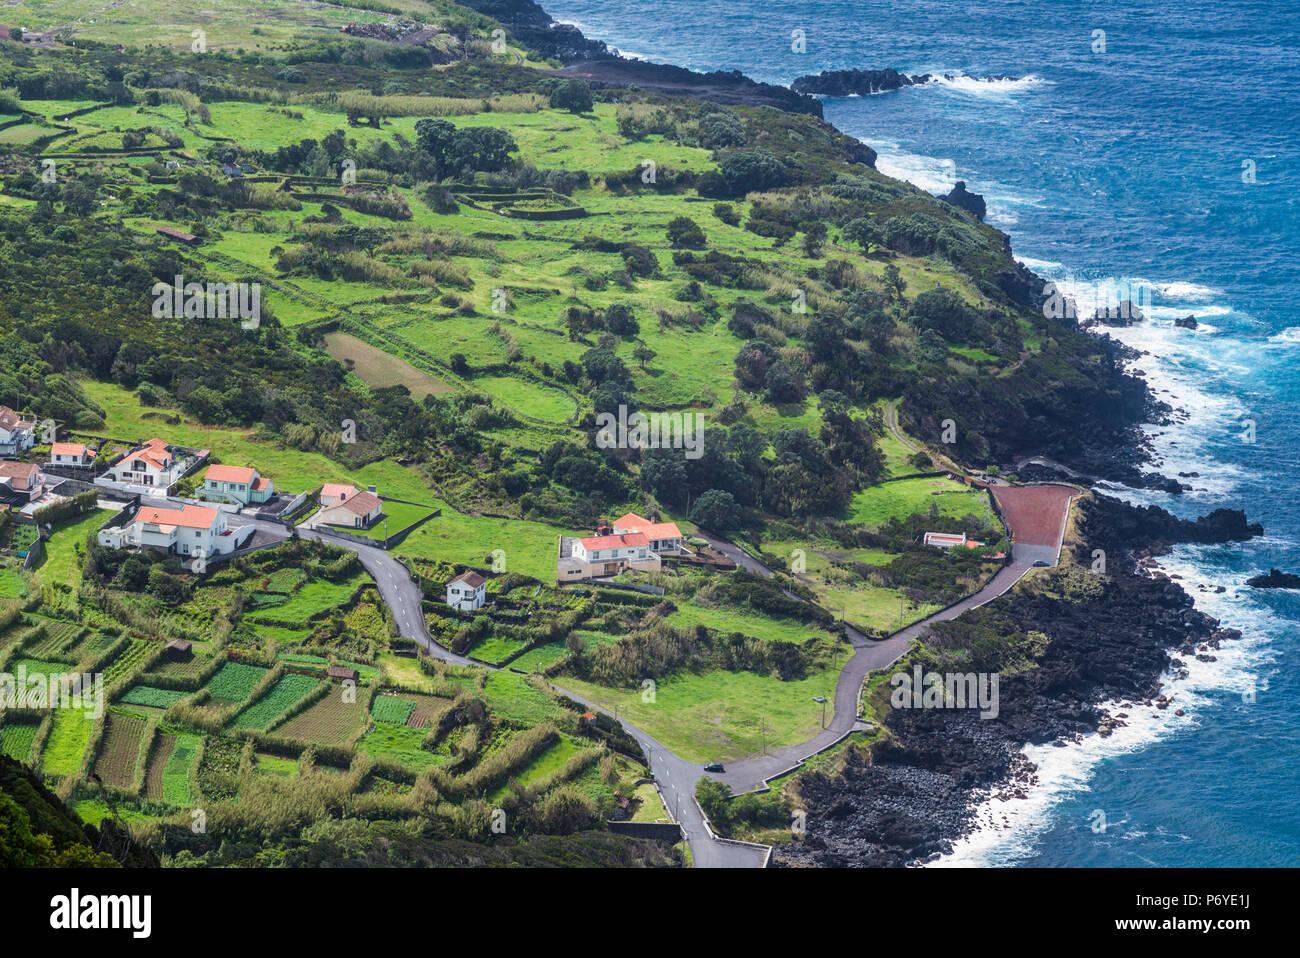 Portugal, Azores, Faial Island, Baia de Ribeira of Porto da Faja - Stock Image